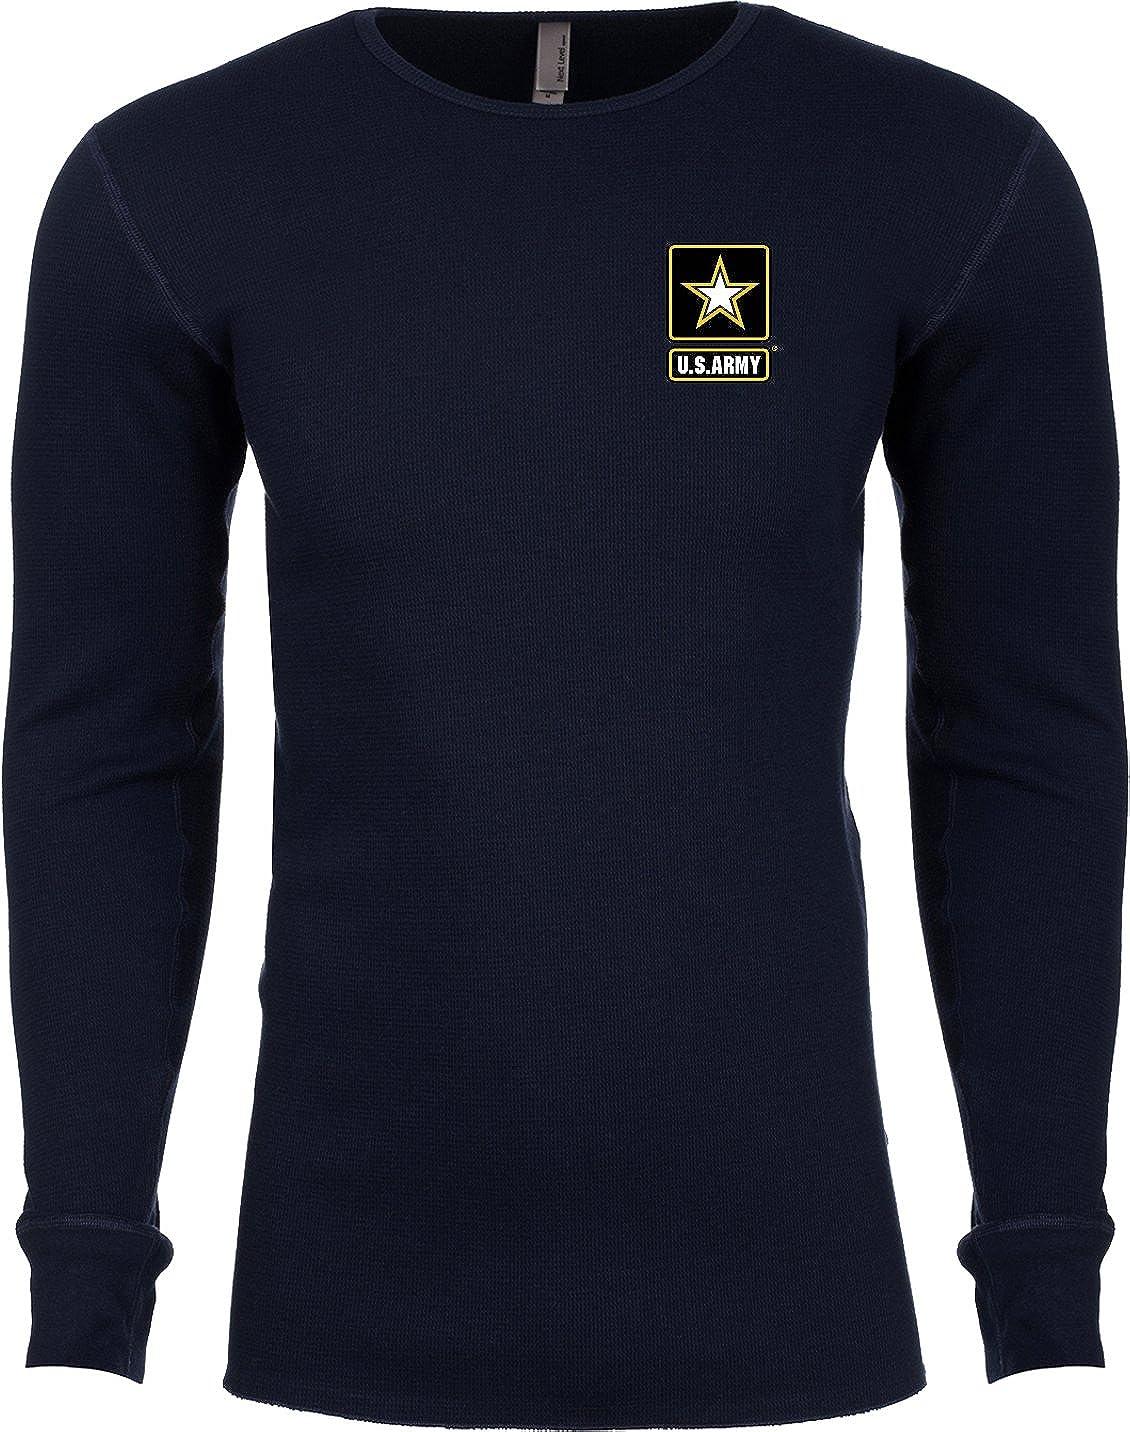 Buy Cool Shirts Mens US Army Pocket Print Thermal Shirt